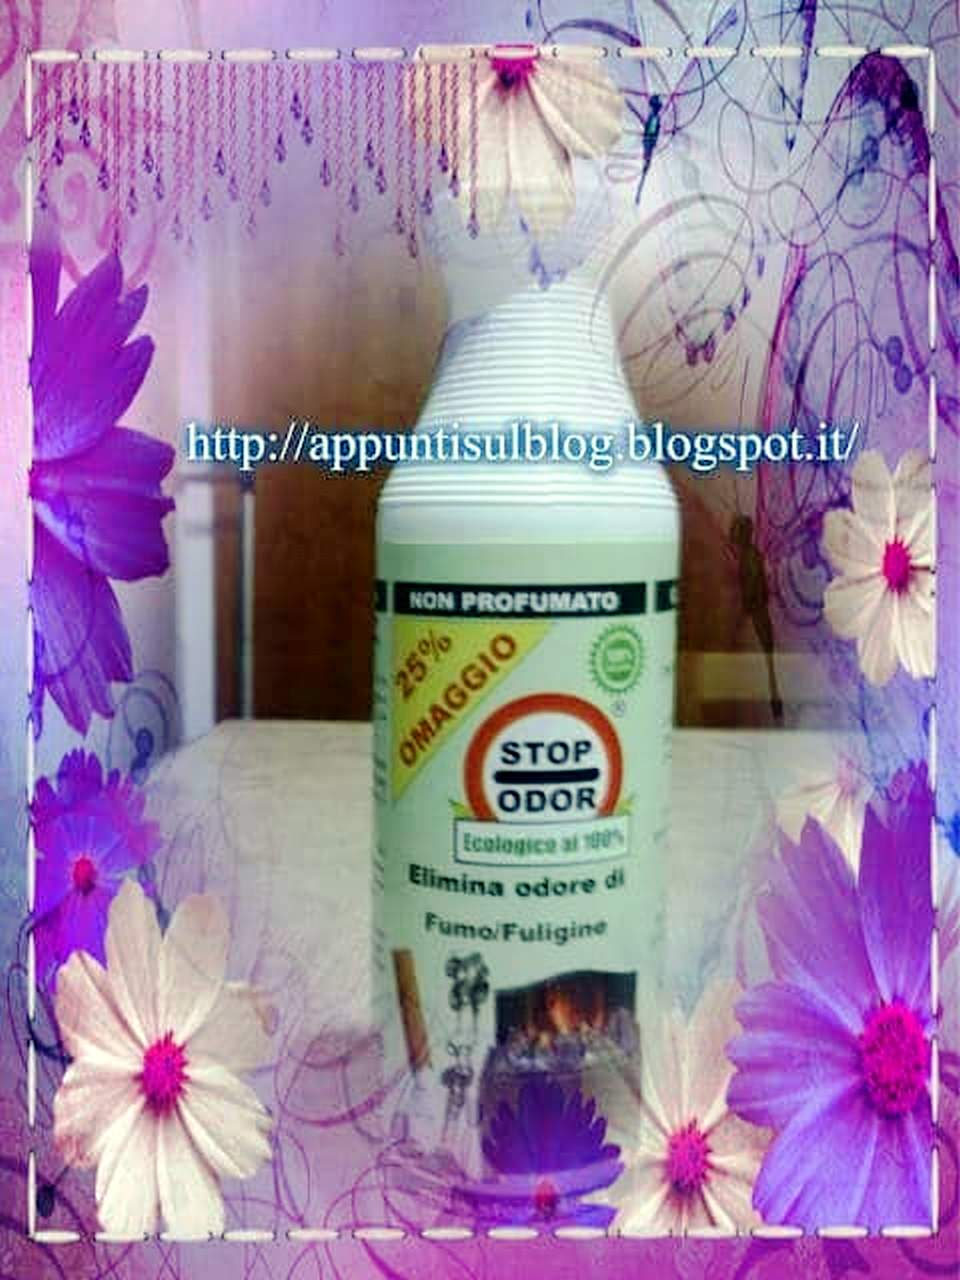 Stop-Odor, eliminiamoli in modo naturale 2 articoli per la casa